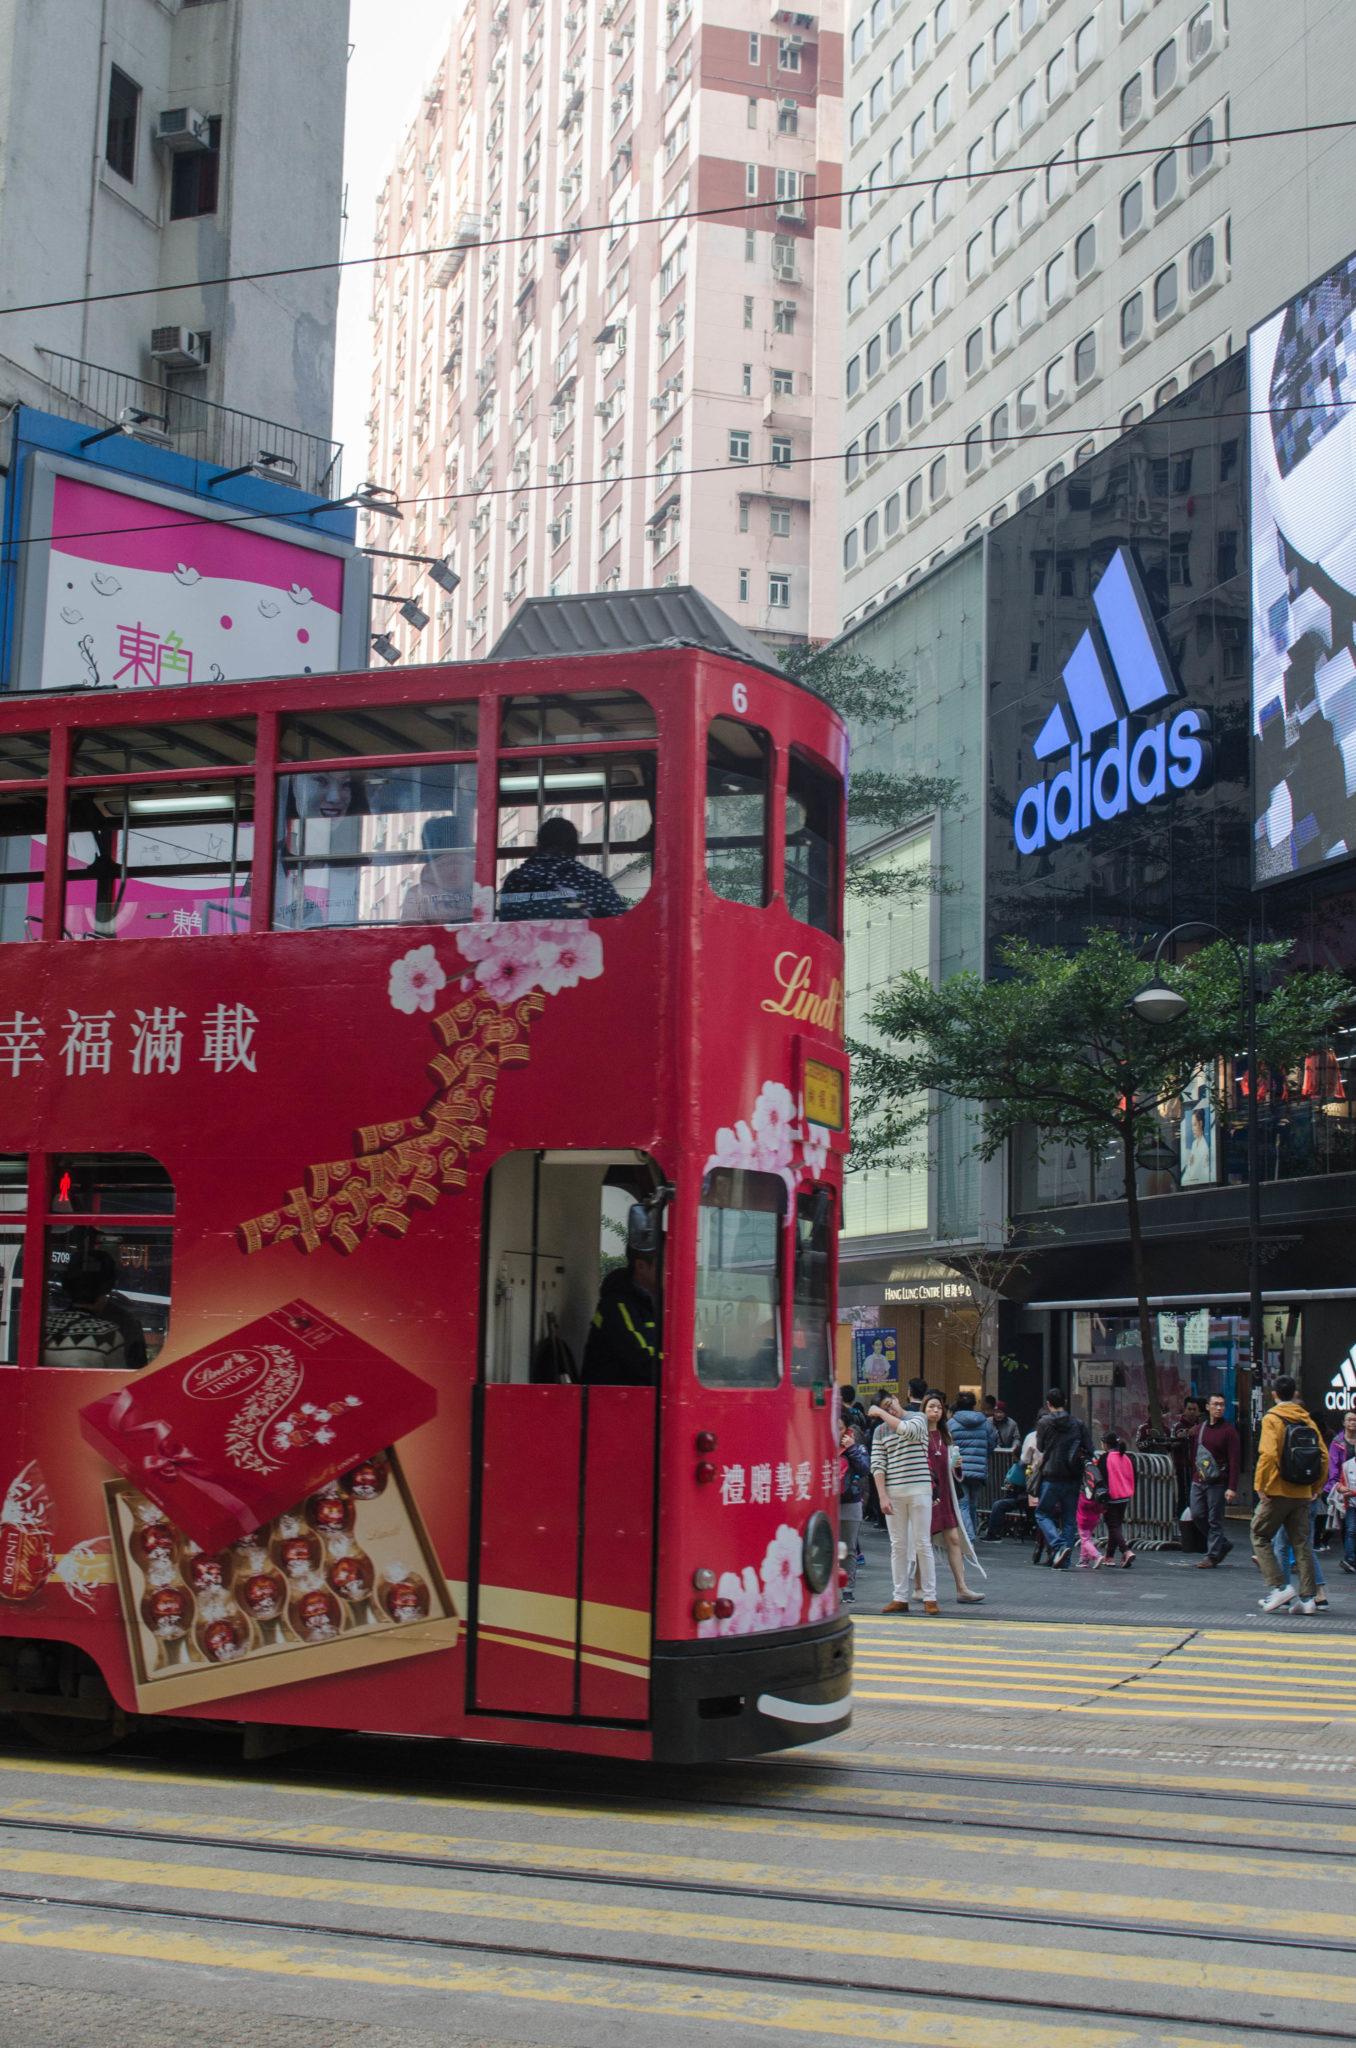 Lanson Place Hotel Hongkong: Mitten in Causeway Bay gelegen, bietet das Hotel die perfekte Location für Genießer und Shopper